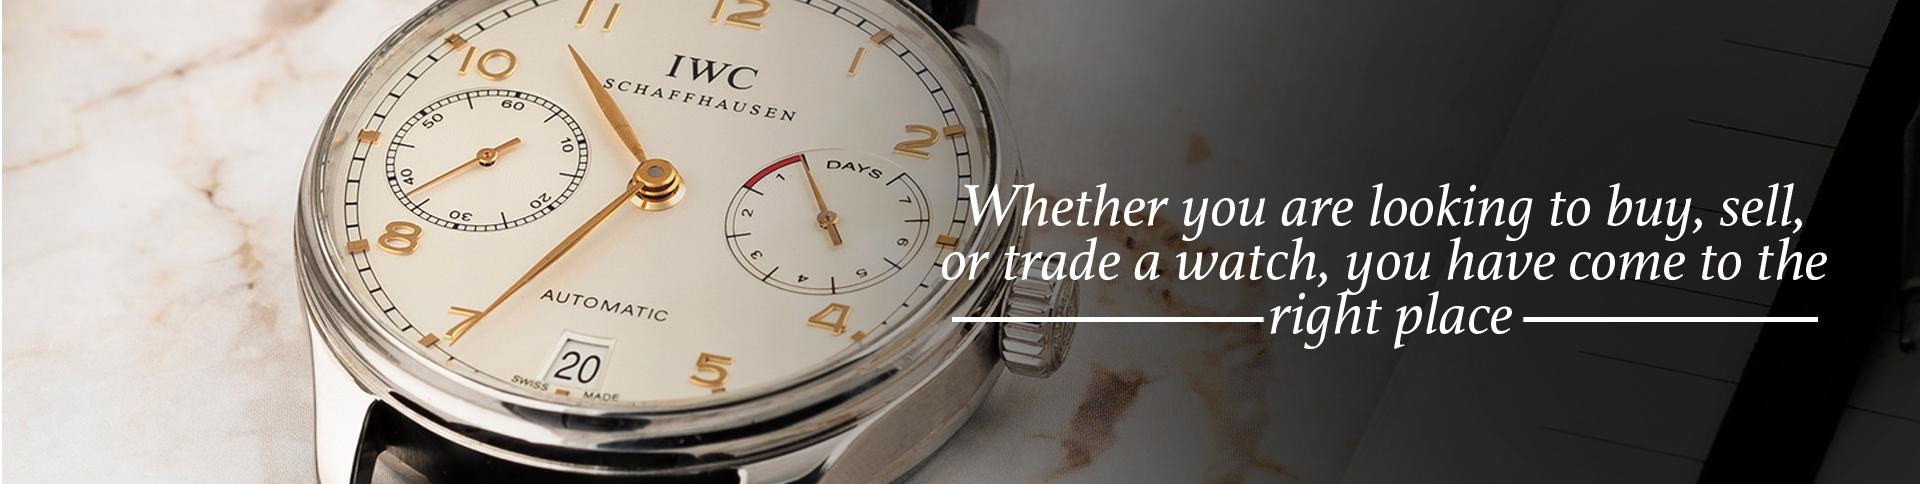 buy-sell-trade-1.jpg